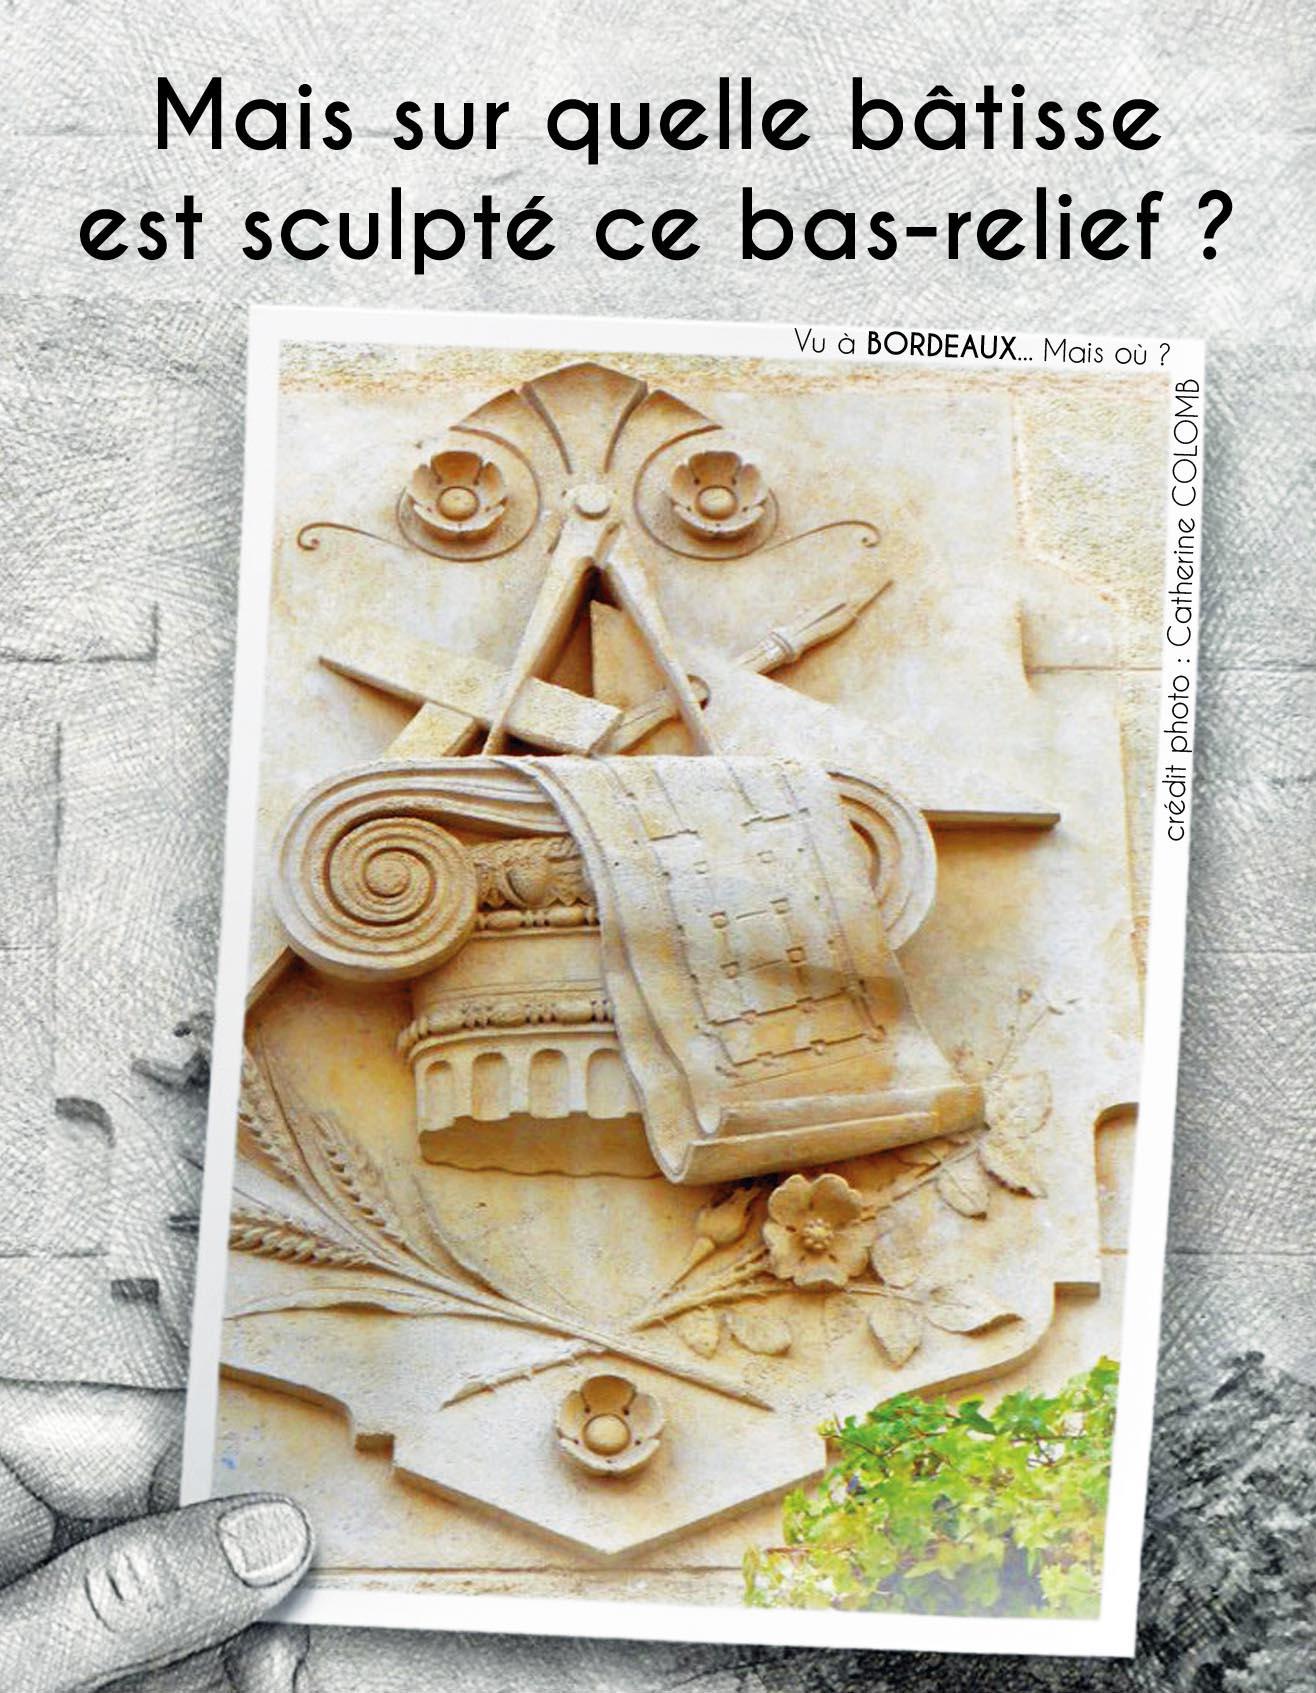 Mais sur quelle bâtisse est sculpté ce bas-relief ?